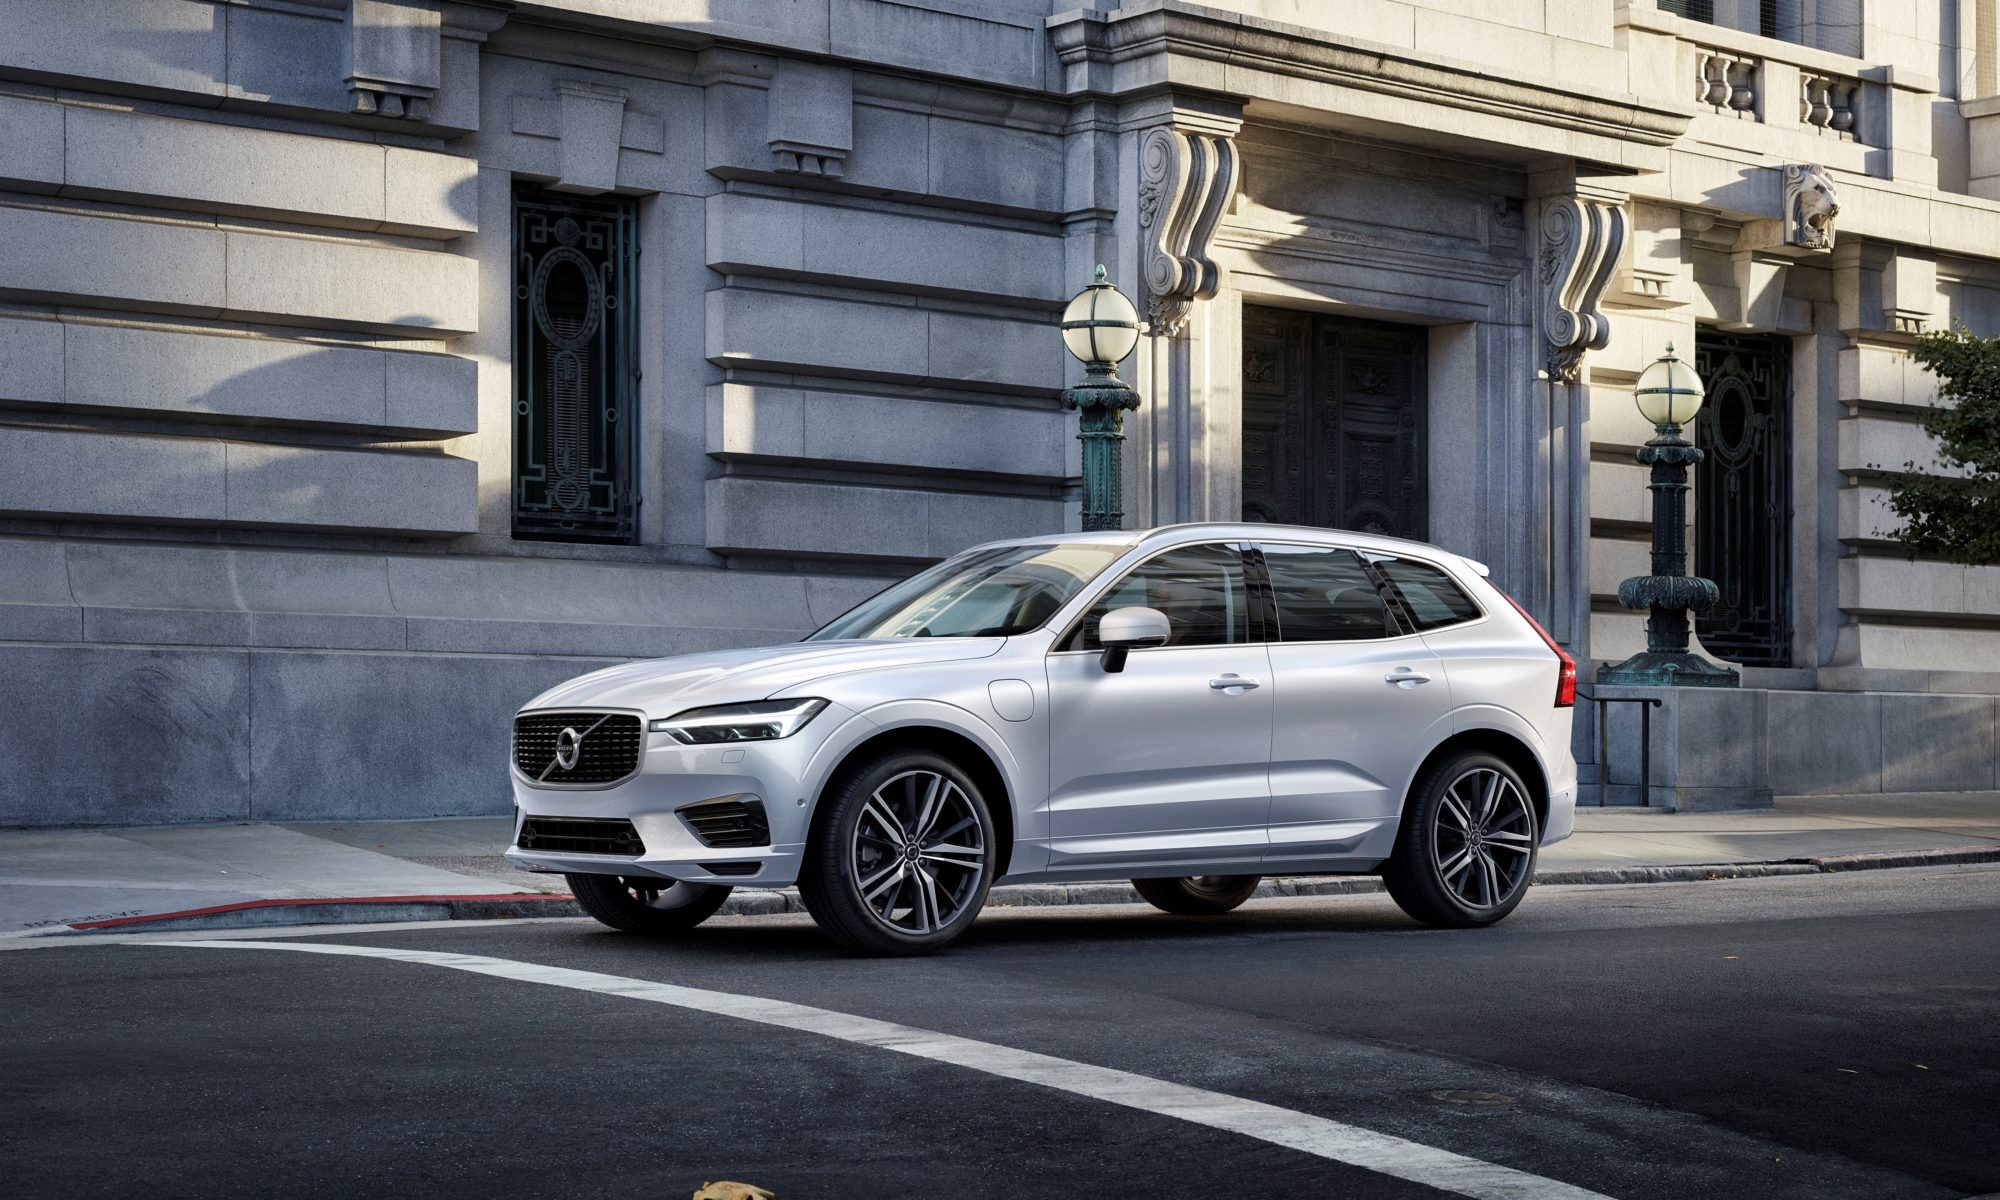 The new 2018 Volvo XC60